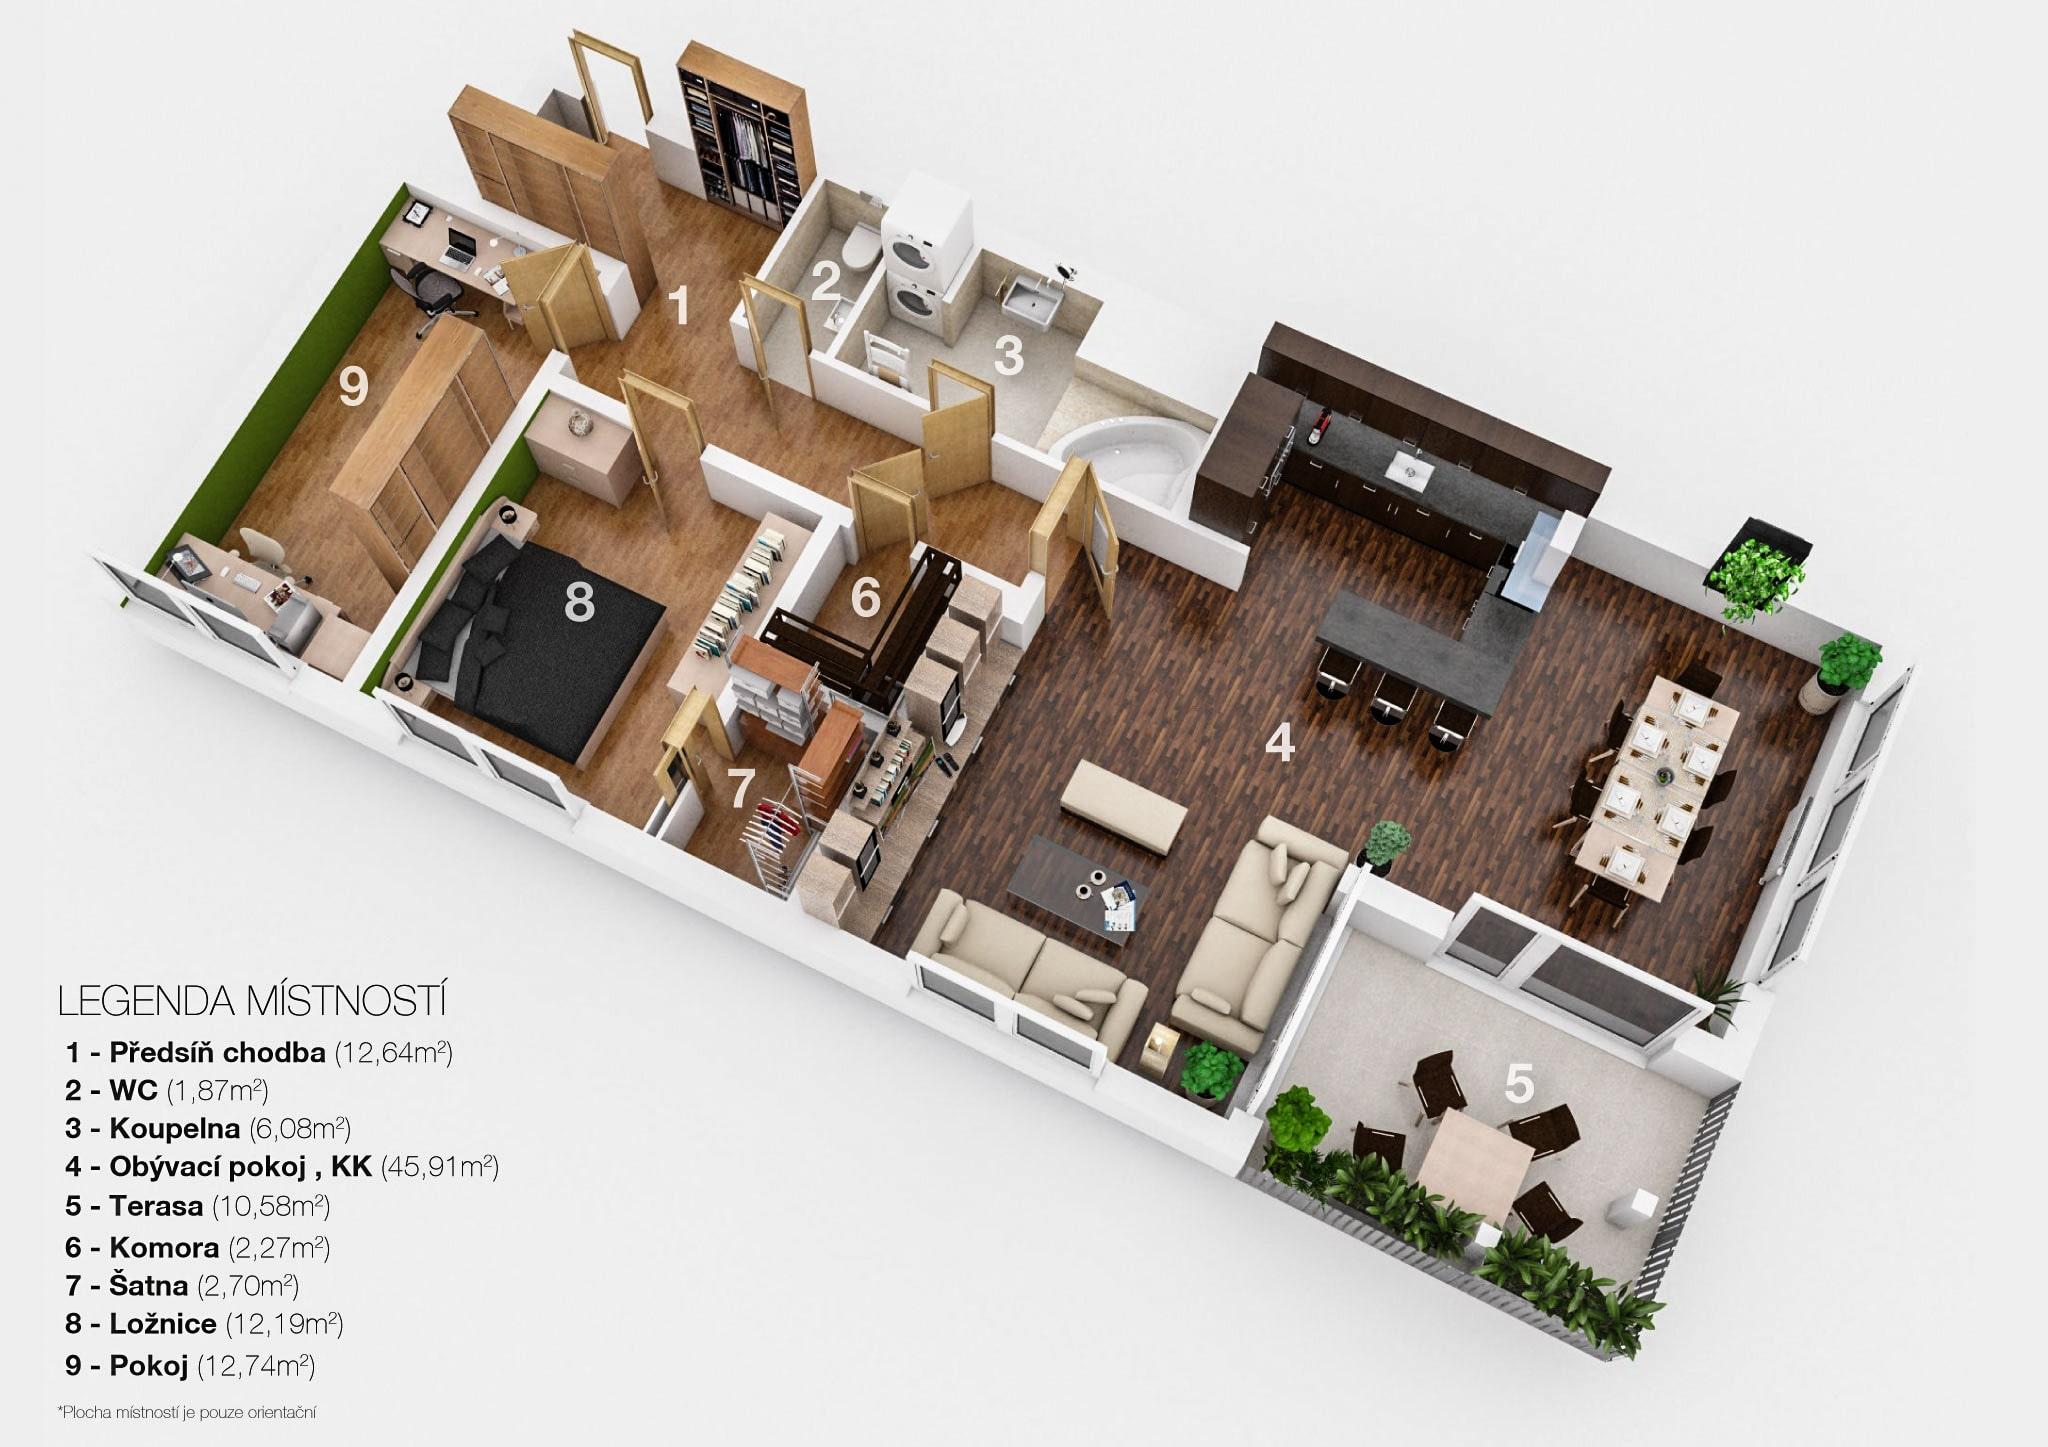 Půdorys bytu na Jižním Městě - Jana Hloušková